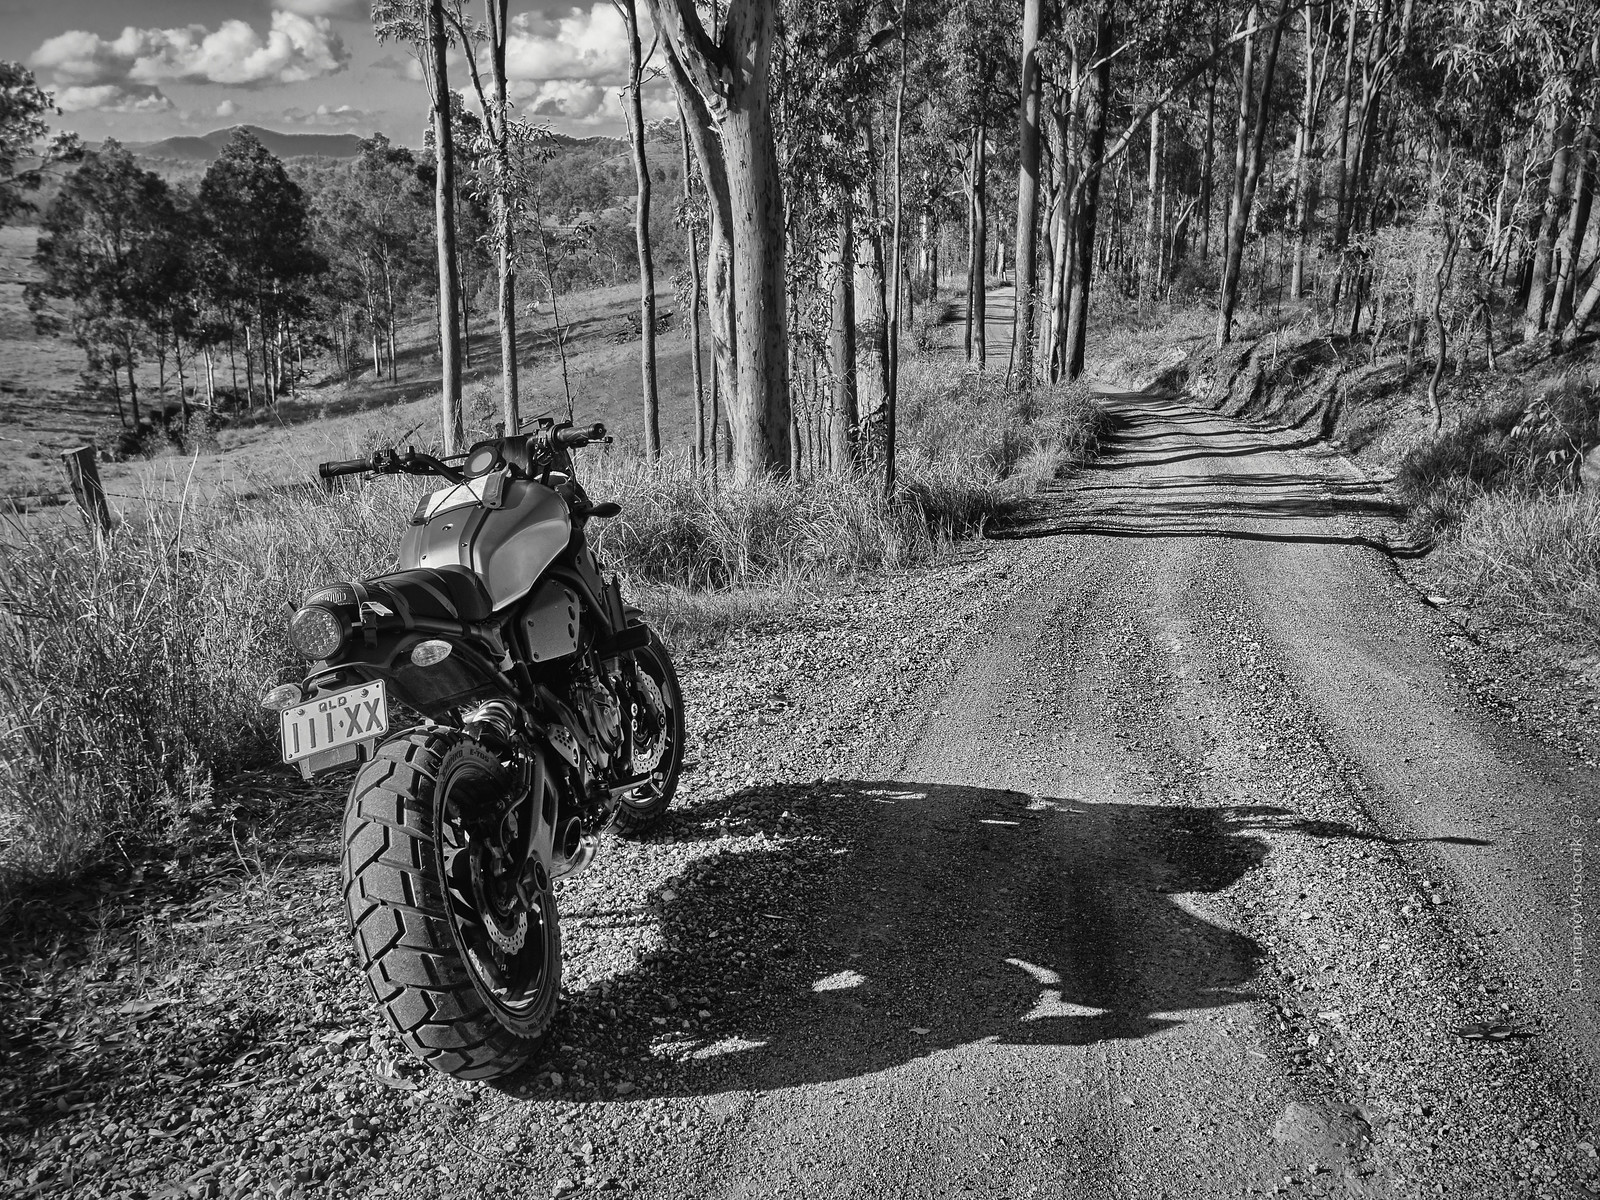 Backroads exploring_bw